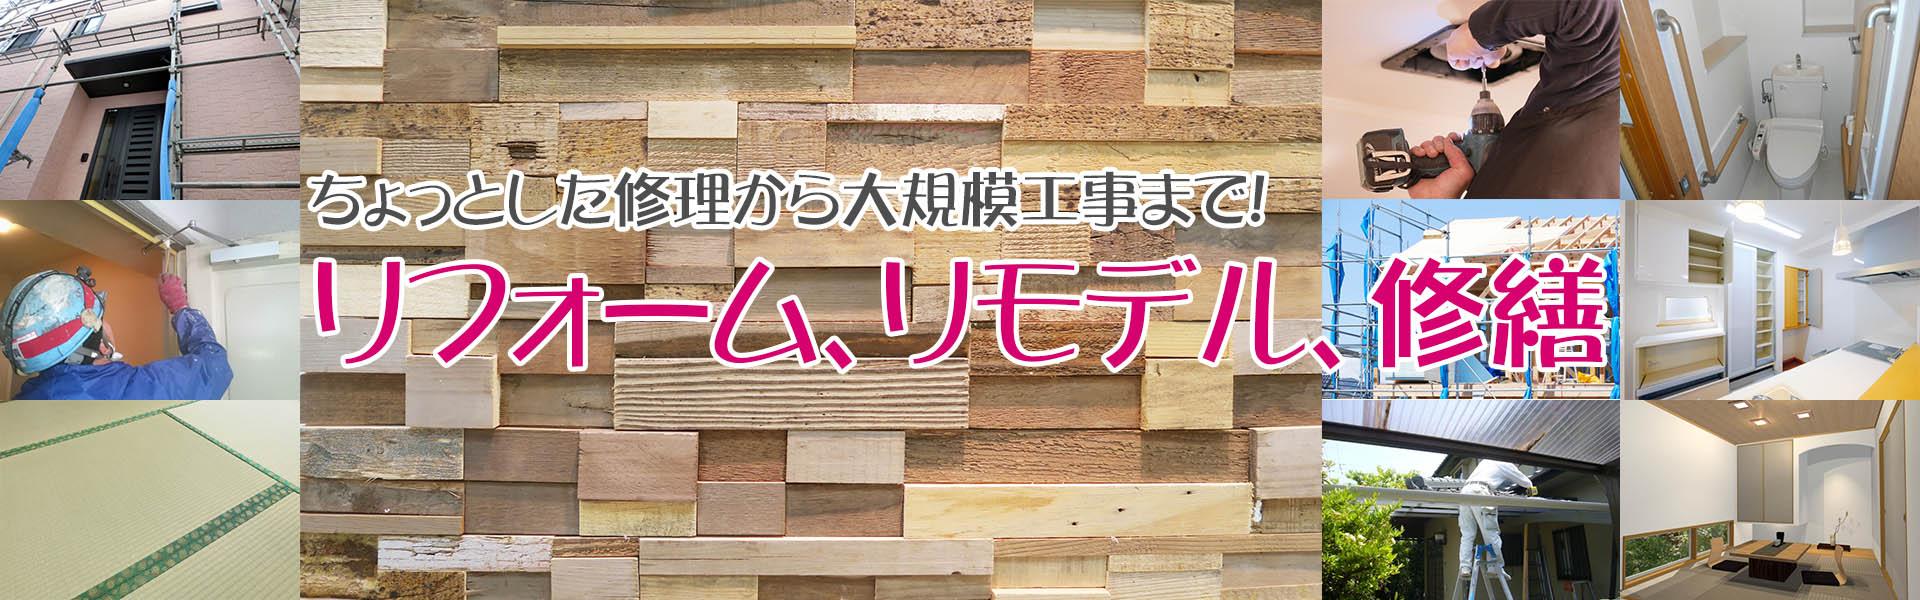 築、リフォーム、リモデル、修繕 施工事例 日高ハウジングプラザ 埼玉県日高市